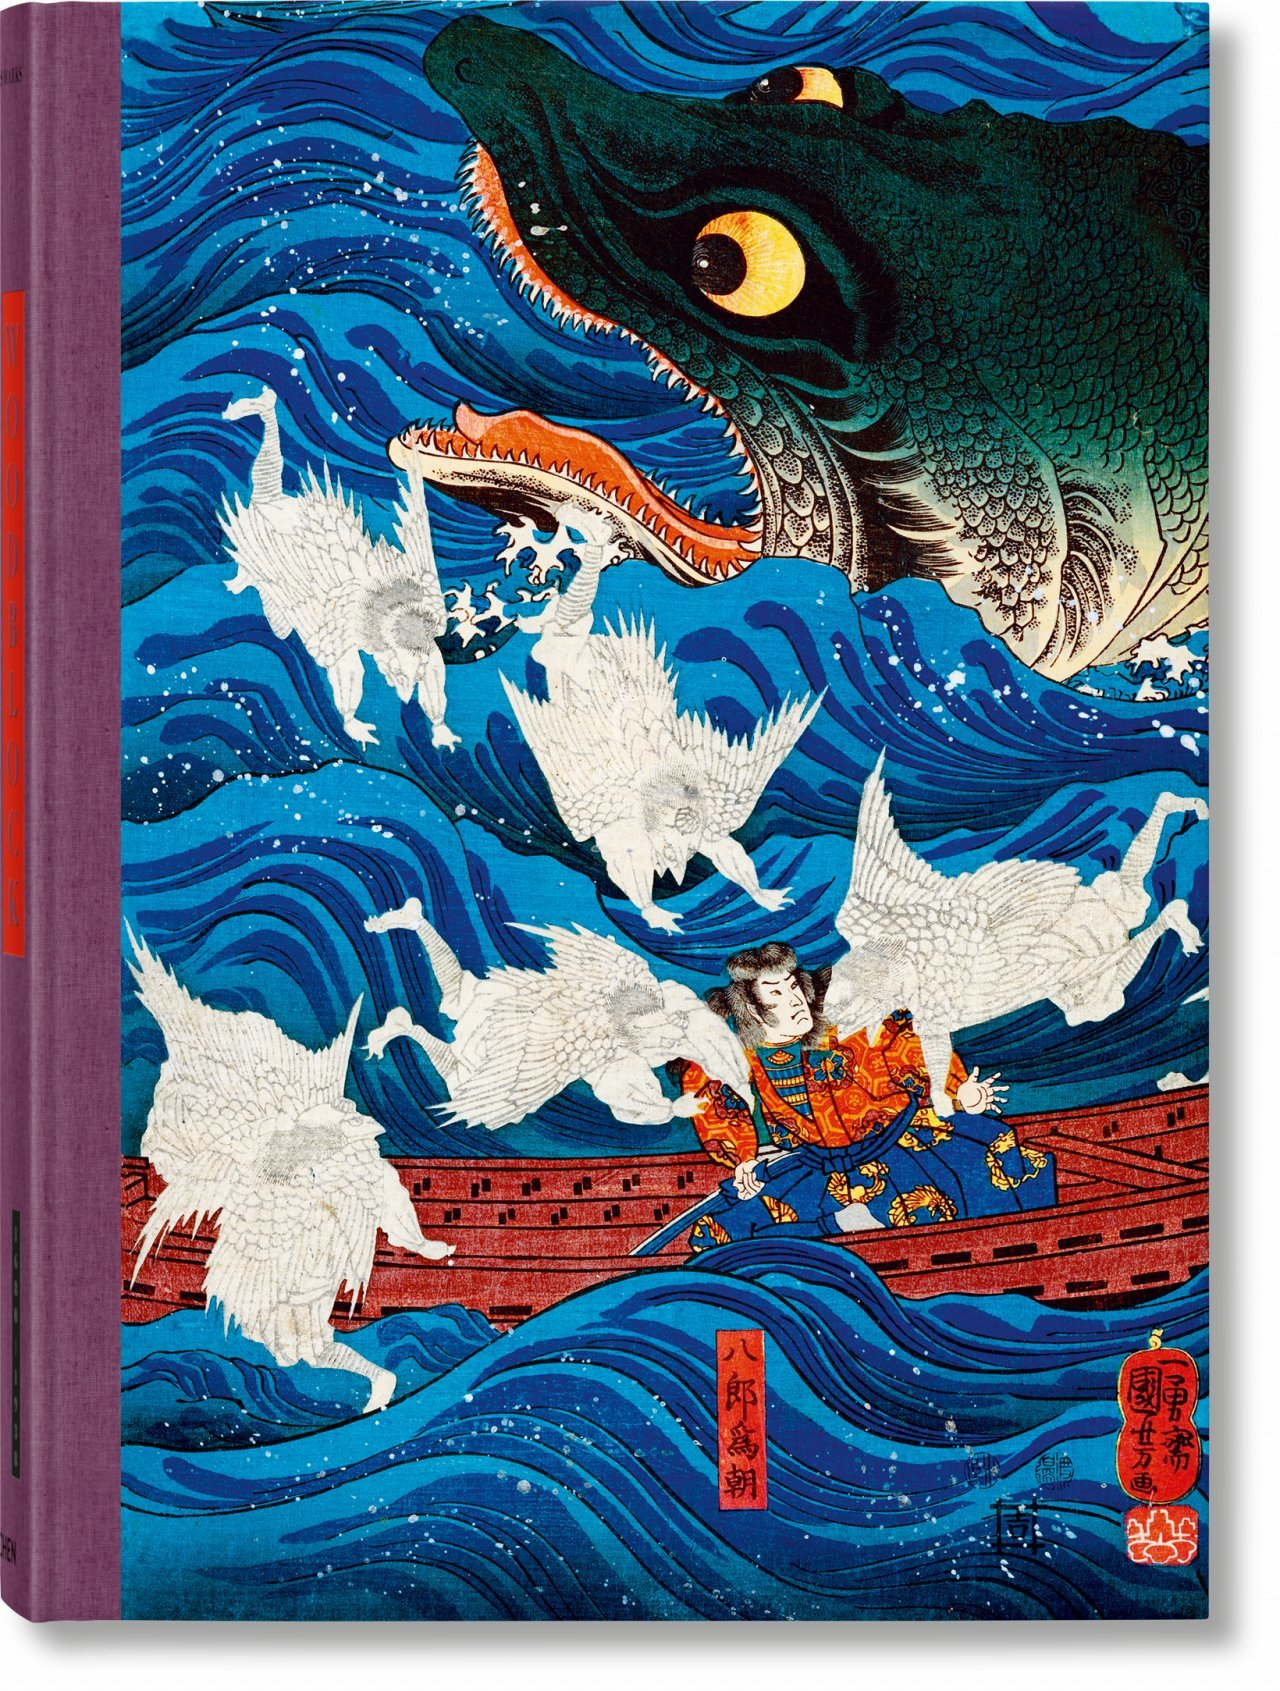 Japanese Woodblock Prints - Marks Andreas